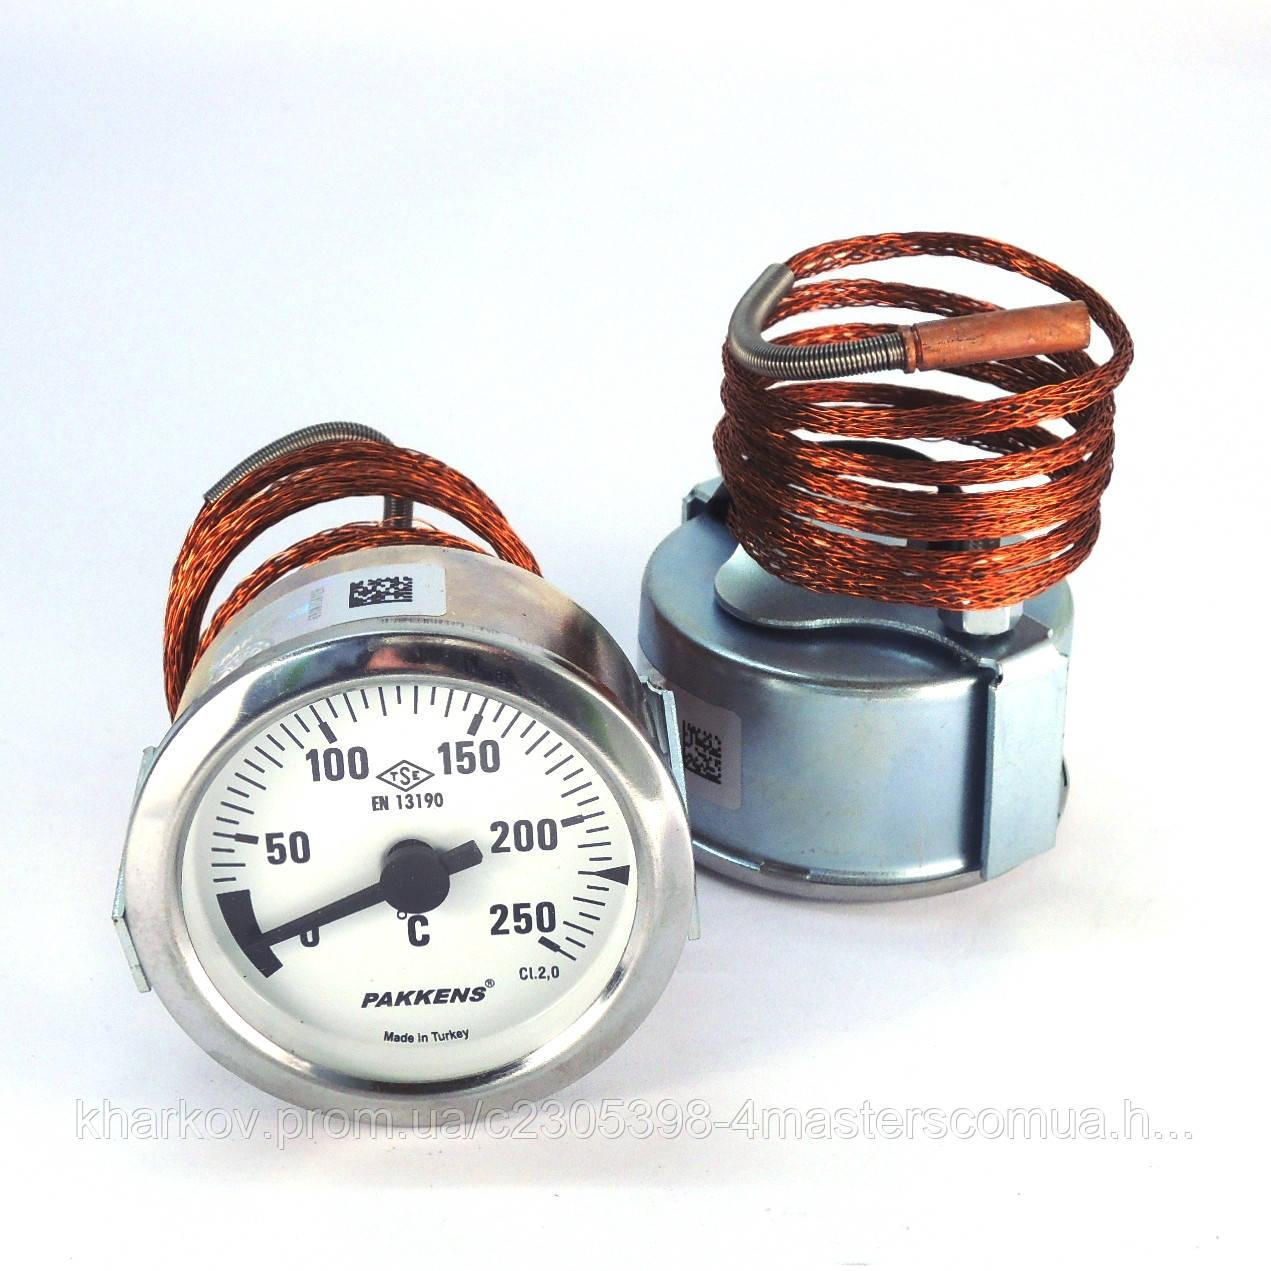 Термометр 0 250°С с выносным датчиком 1 м Ø60, Pakkens Турция